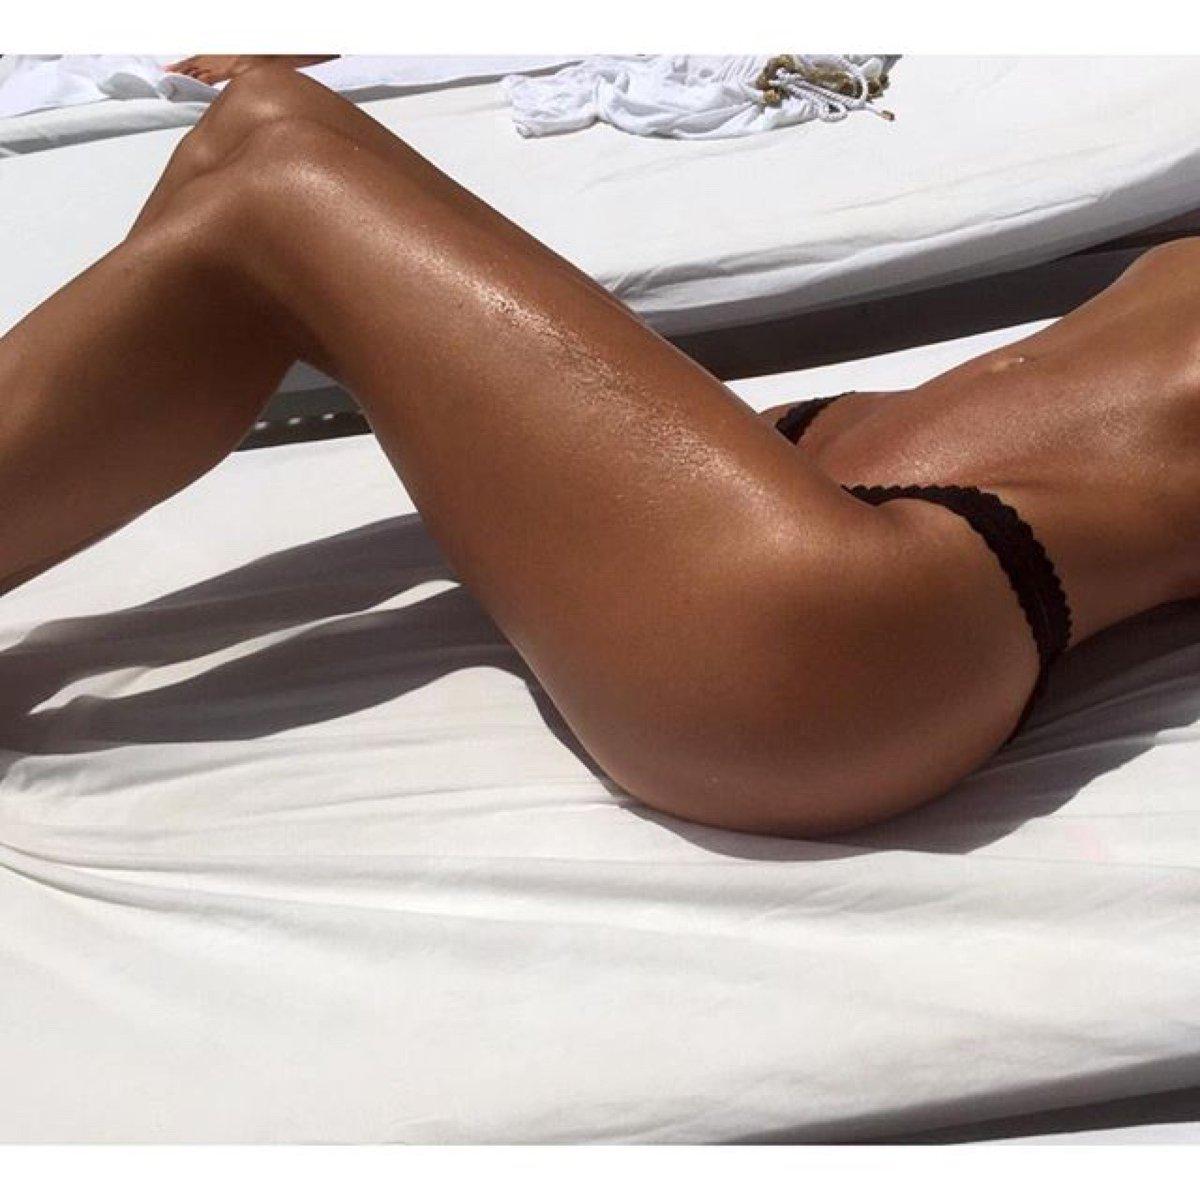 бескорневая плавающее фото загорелых женских тел то